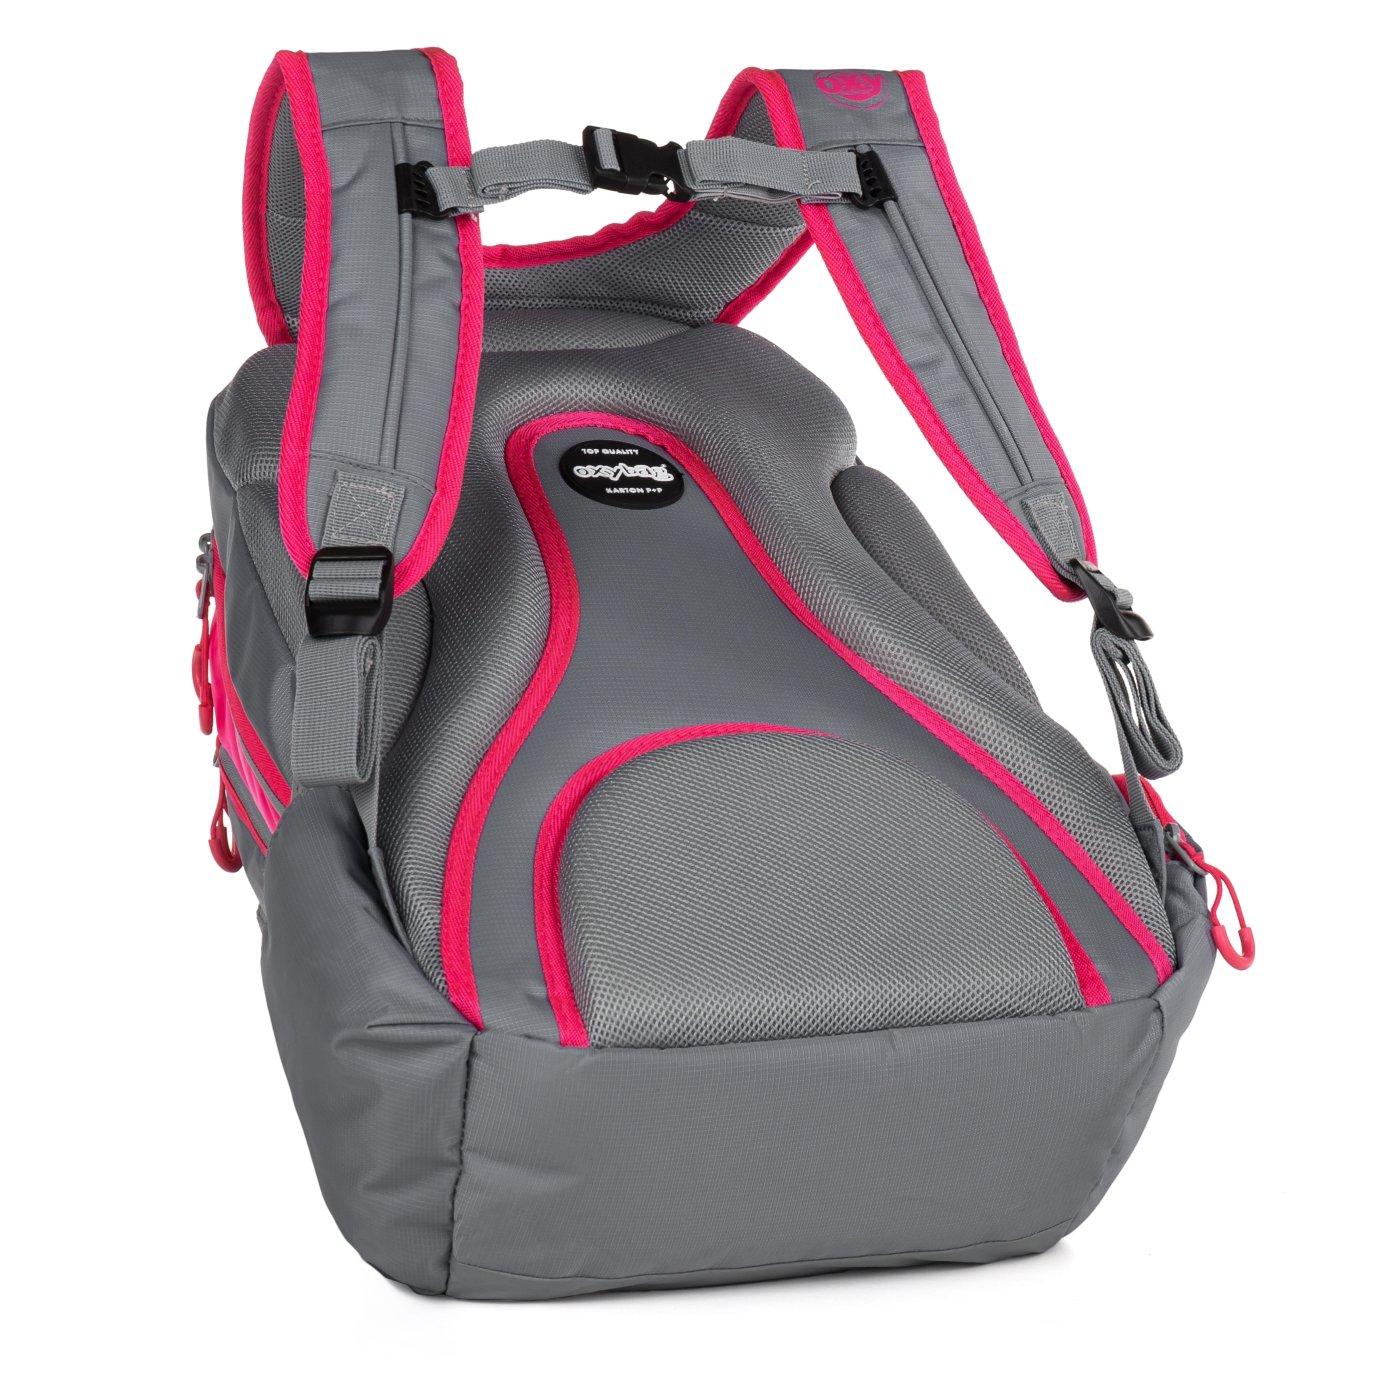 ... Studentský batoh OXY Sport NEON LINE Pink Bez licence · Image. OXY 57d3d99bbe